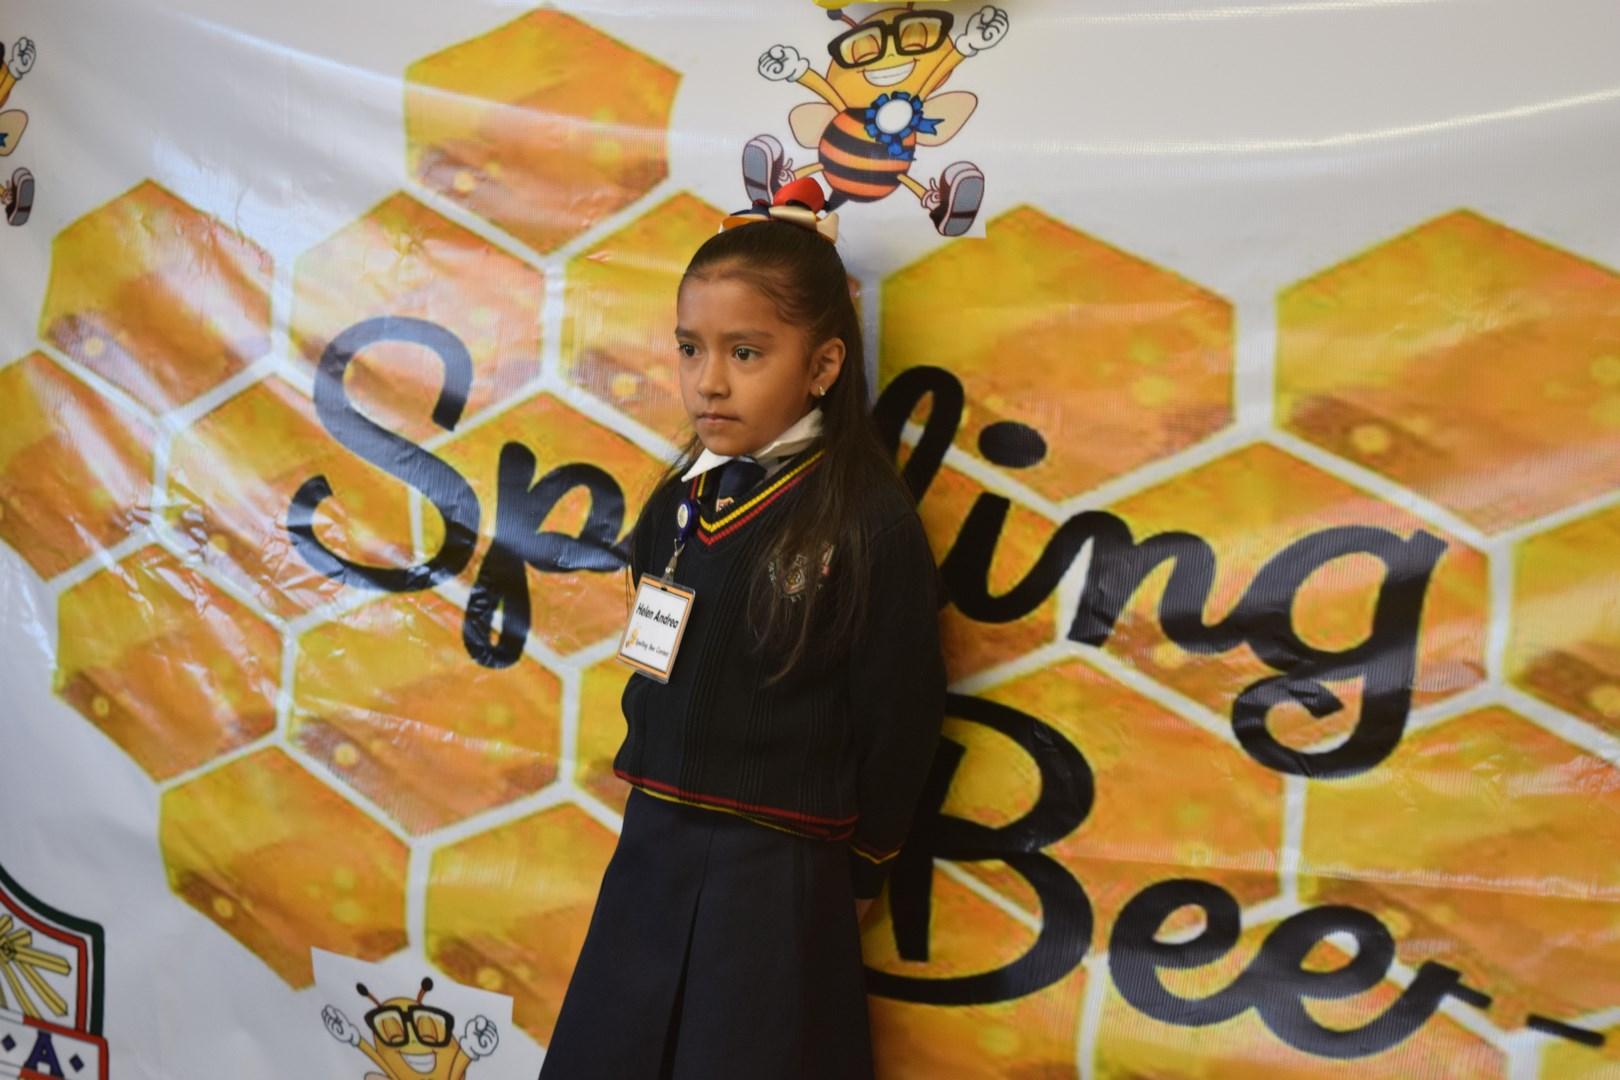 Speeling Bee CEA 2020